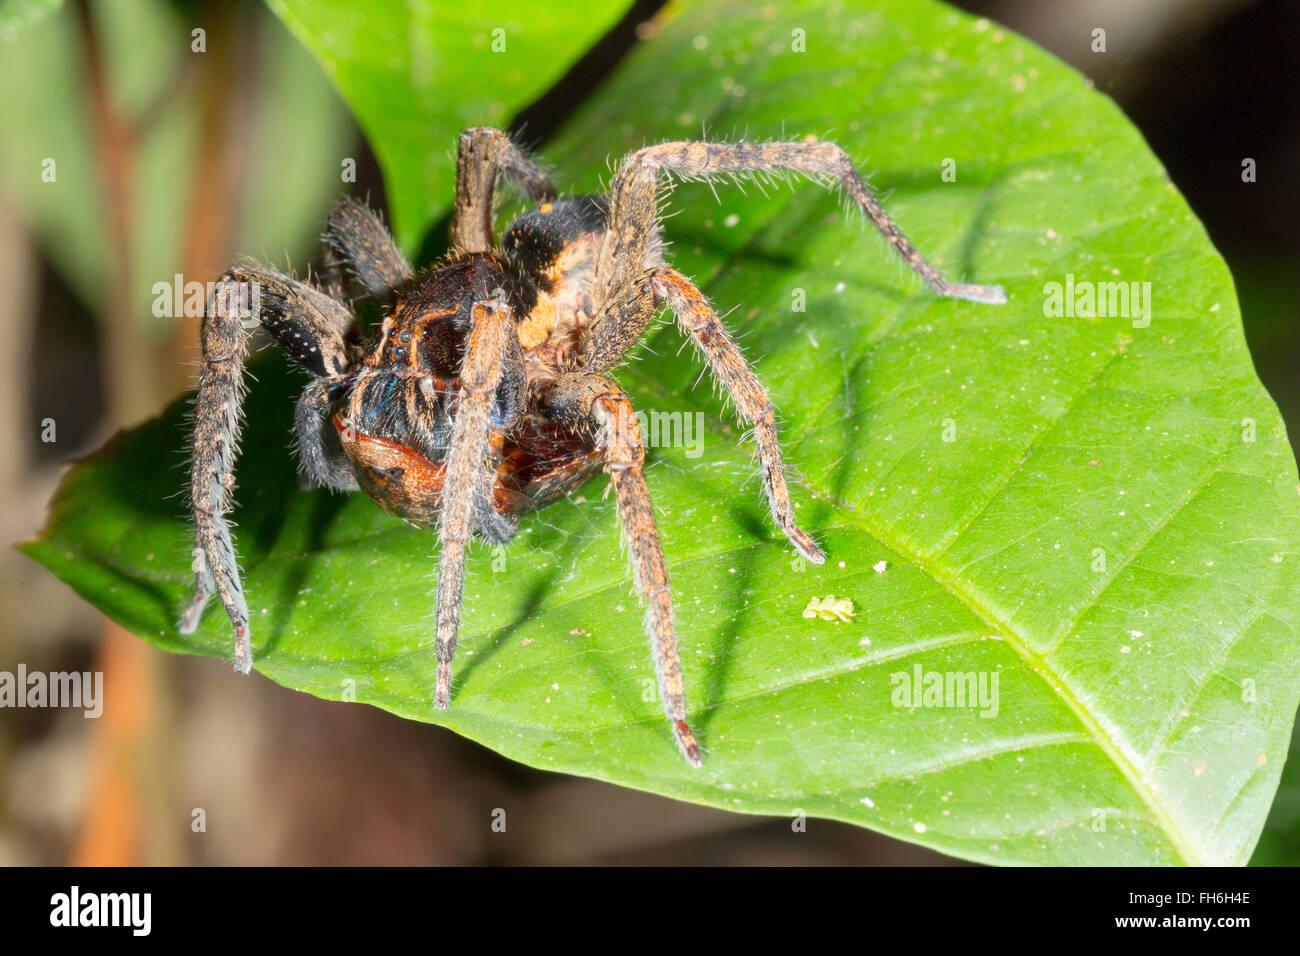 New Leaf Island Spider